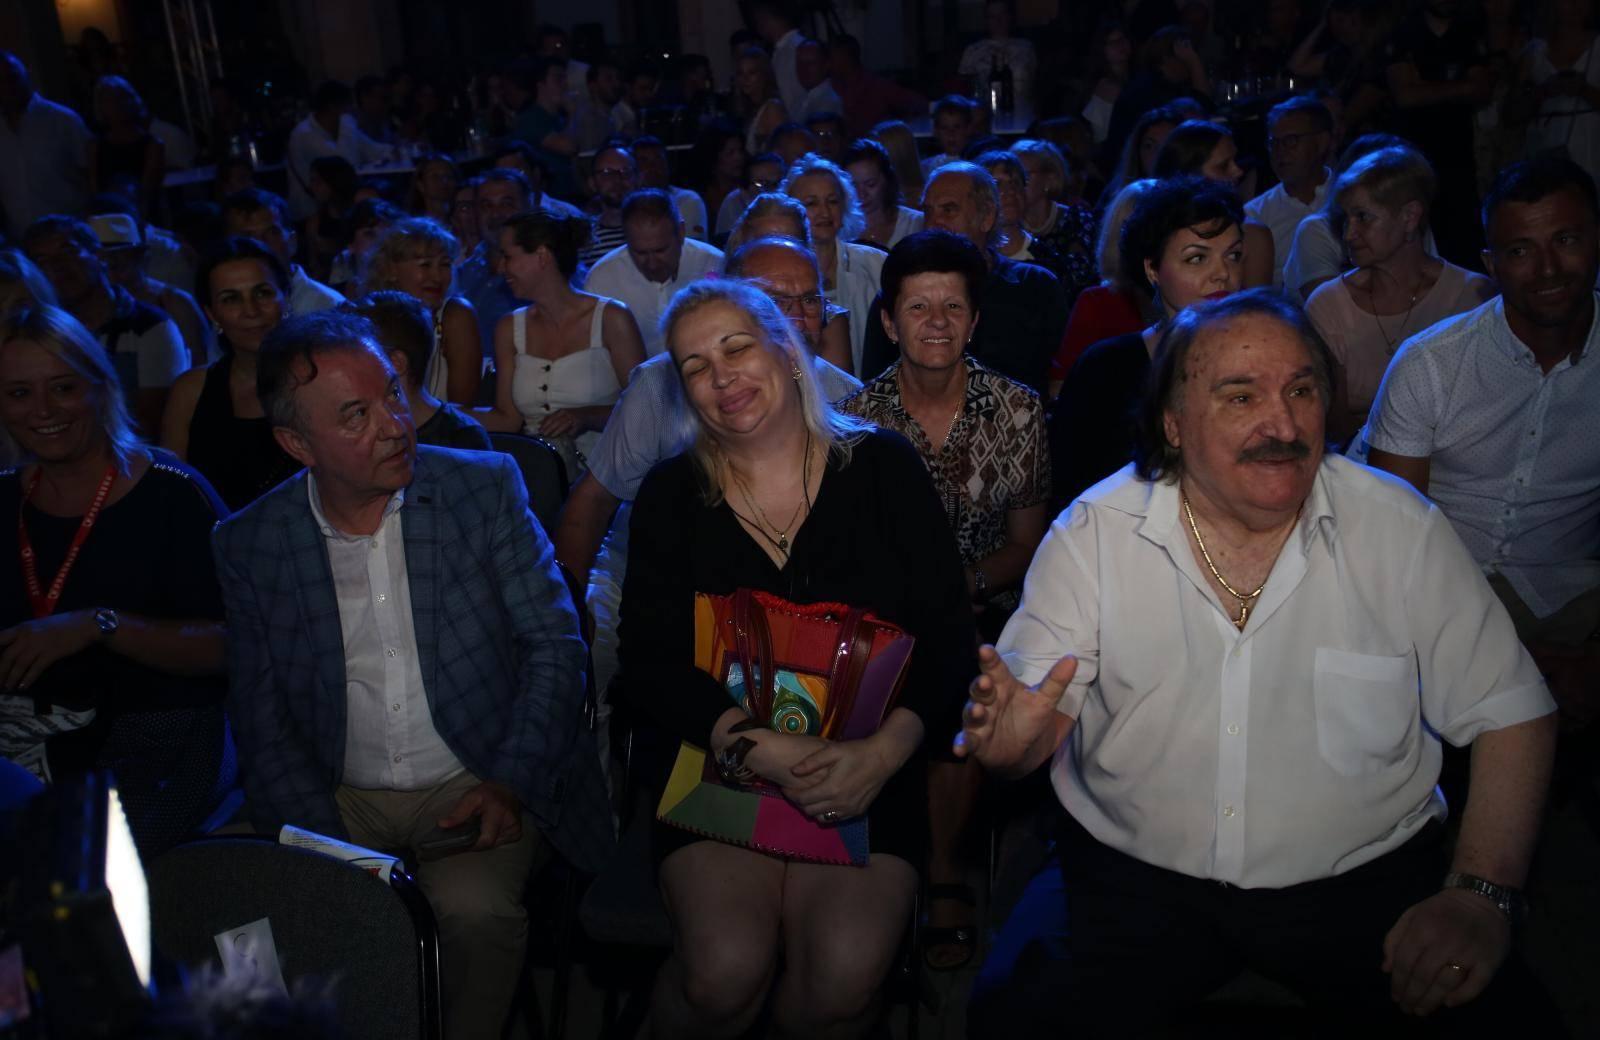 Na 'svoju večer' stigao i Mišo, publika ga dočekala ovacijama